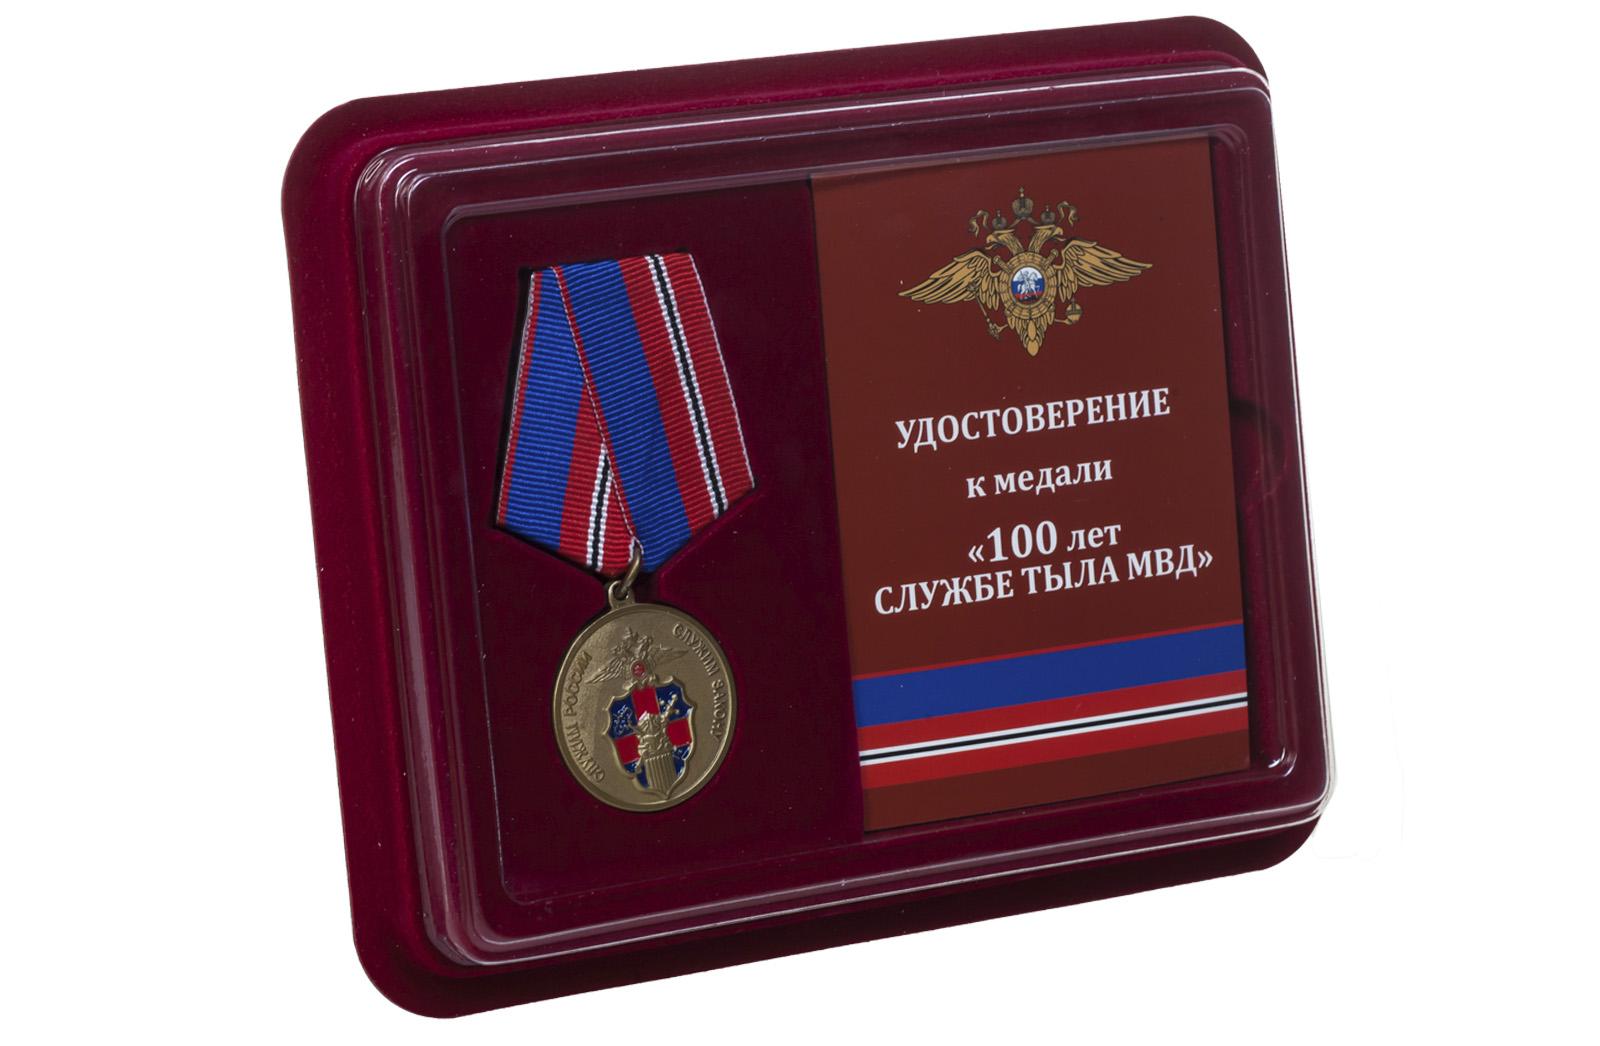 Купить медаль Служба Тыла МВД России с доставкой в ваш город